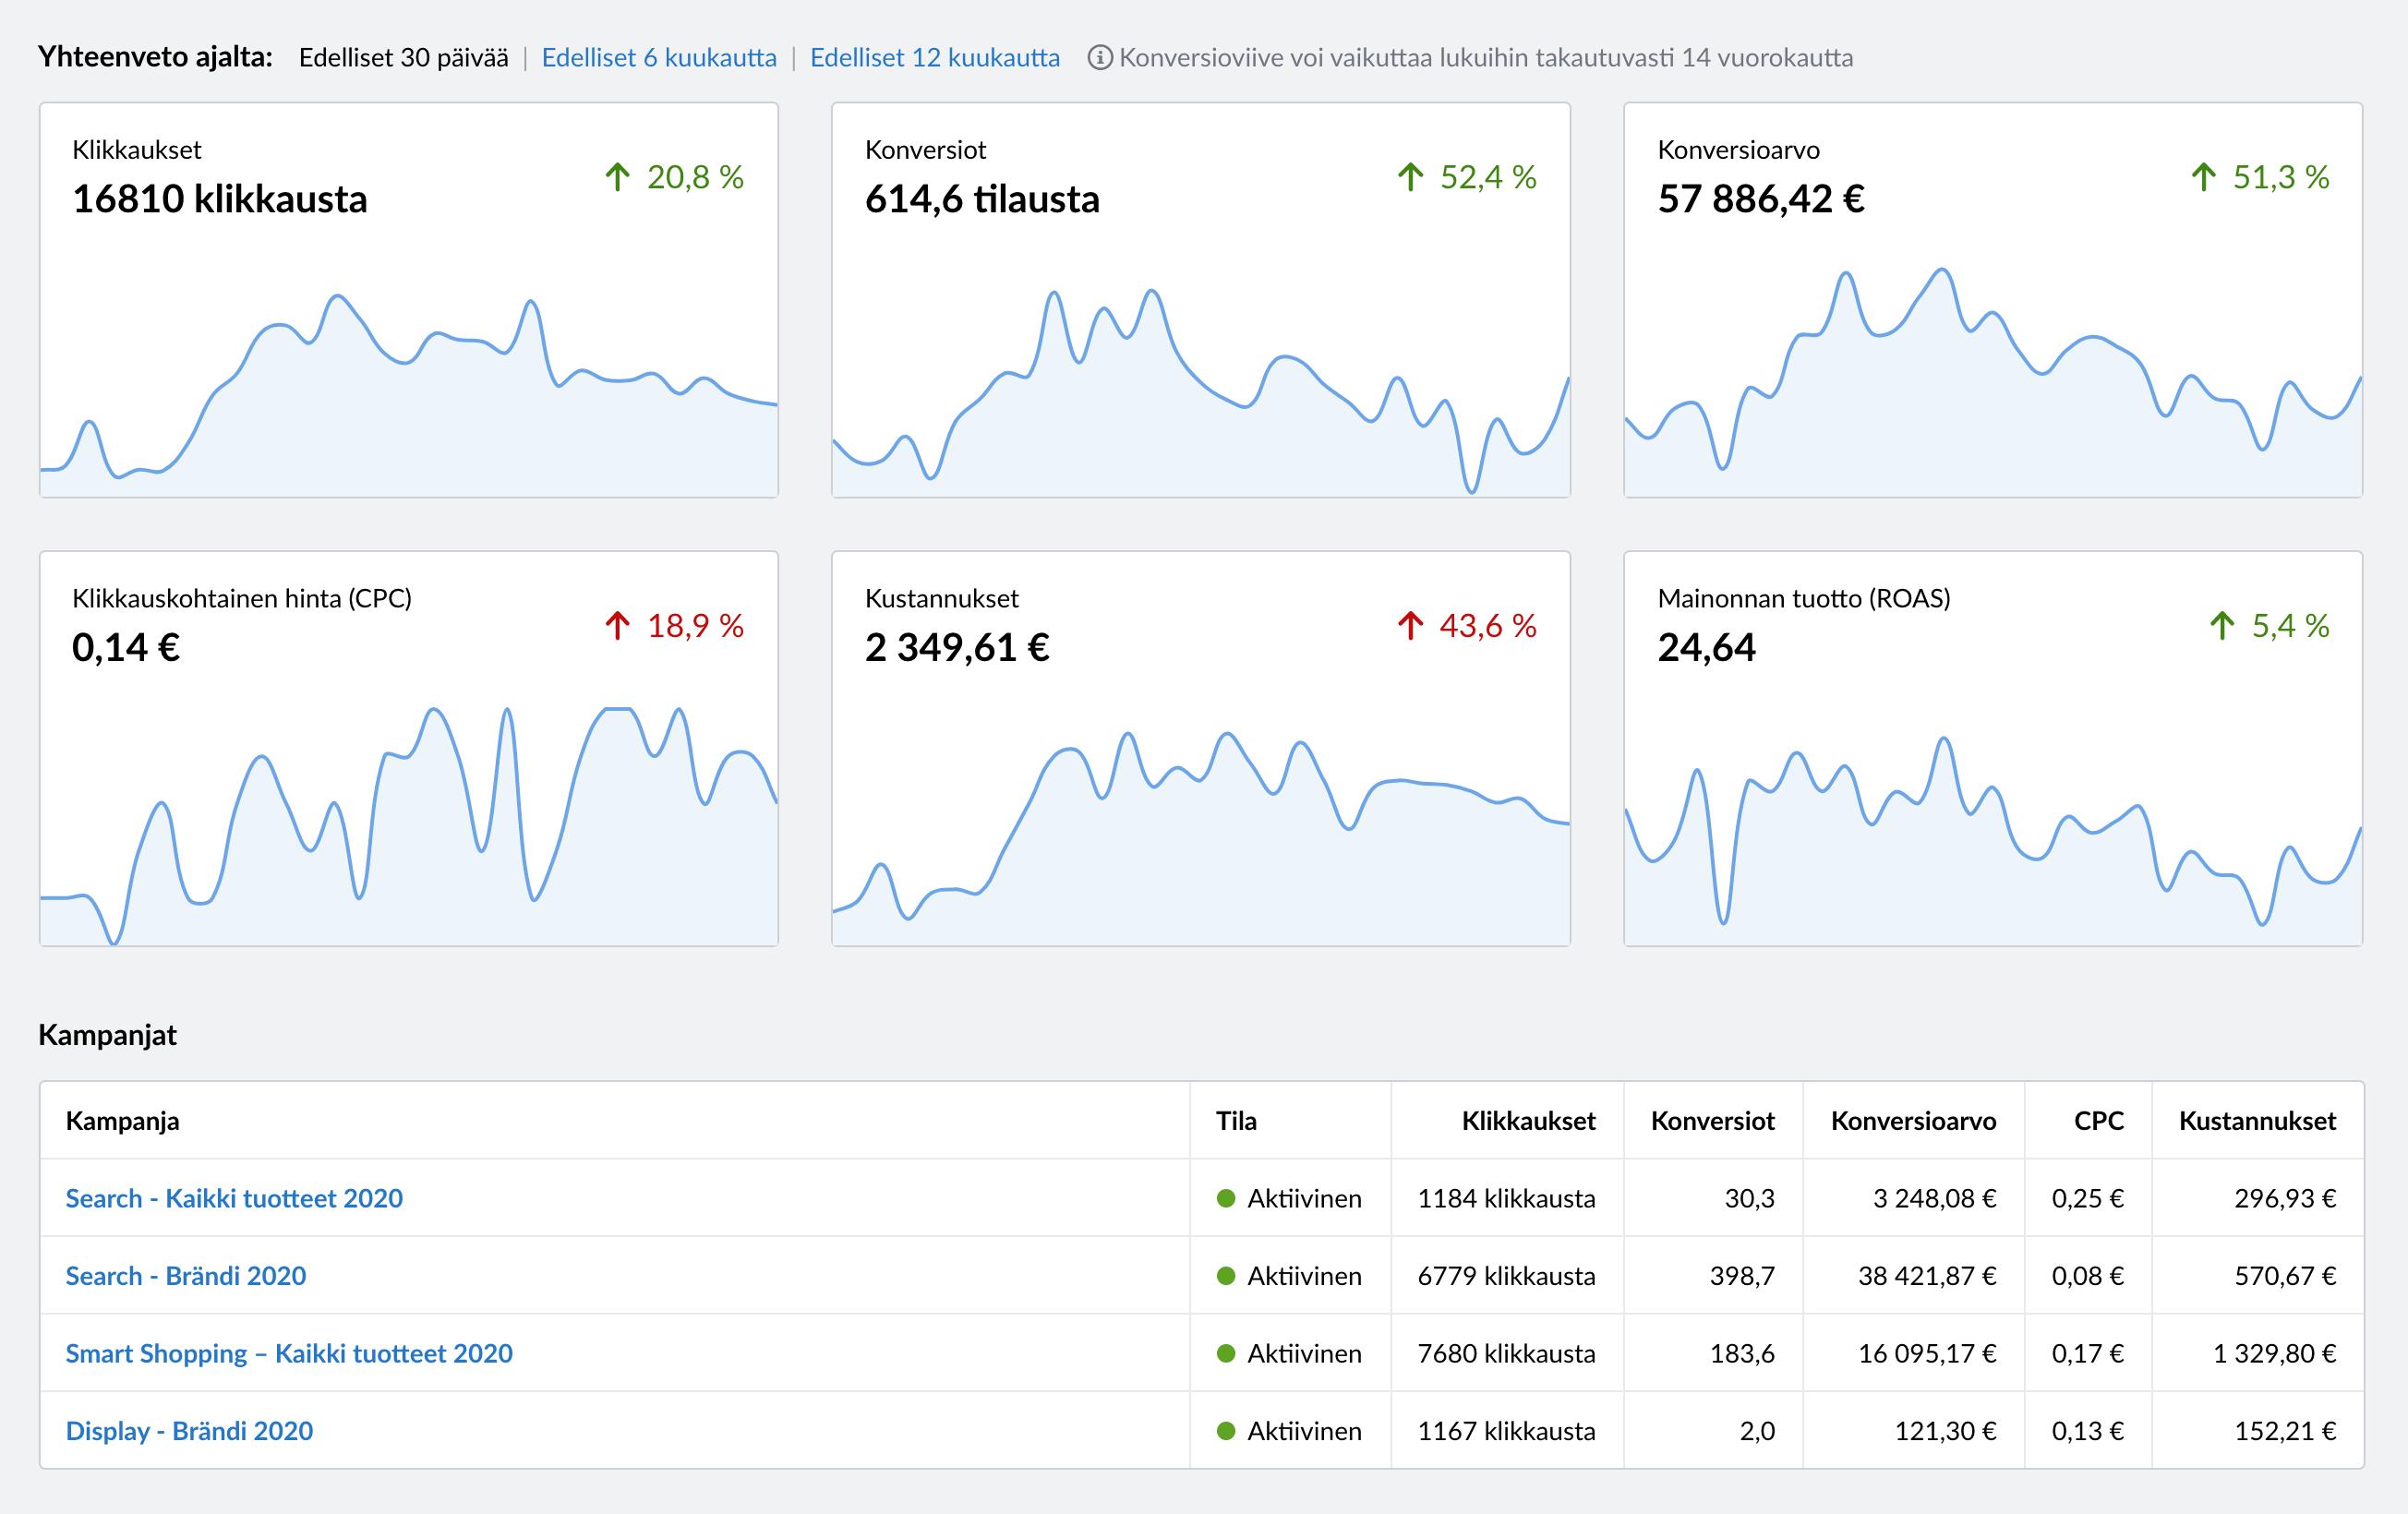 Kuvaruutukaappaus Google Analytics raportoinnista